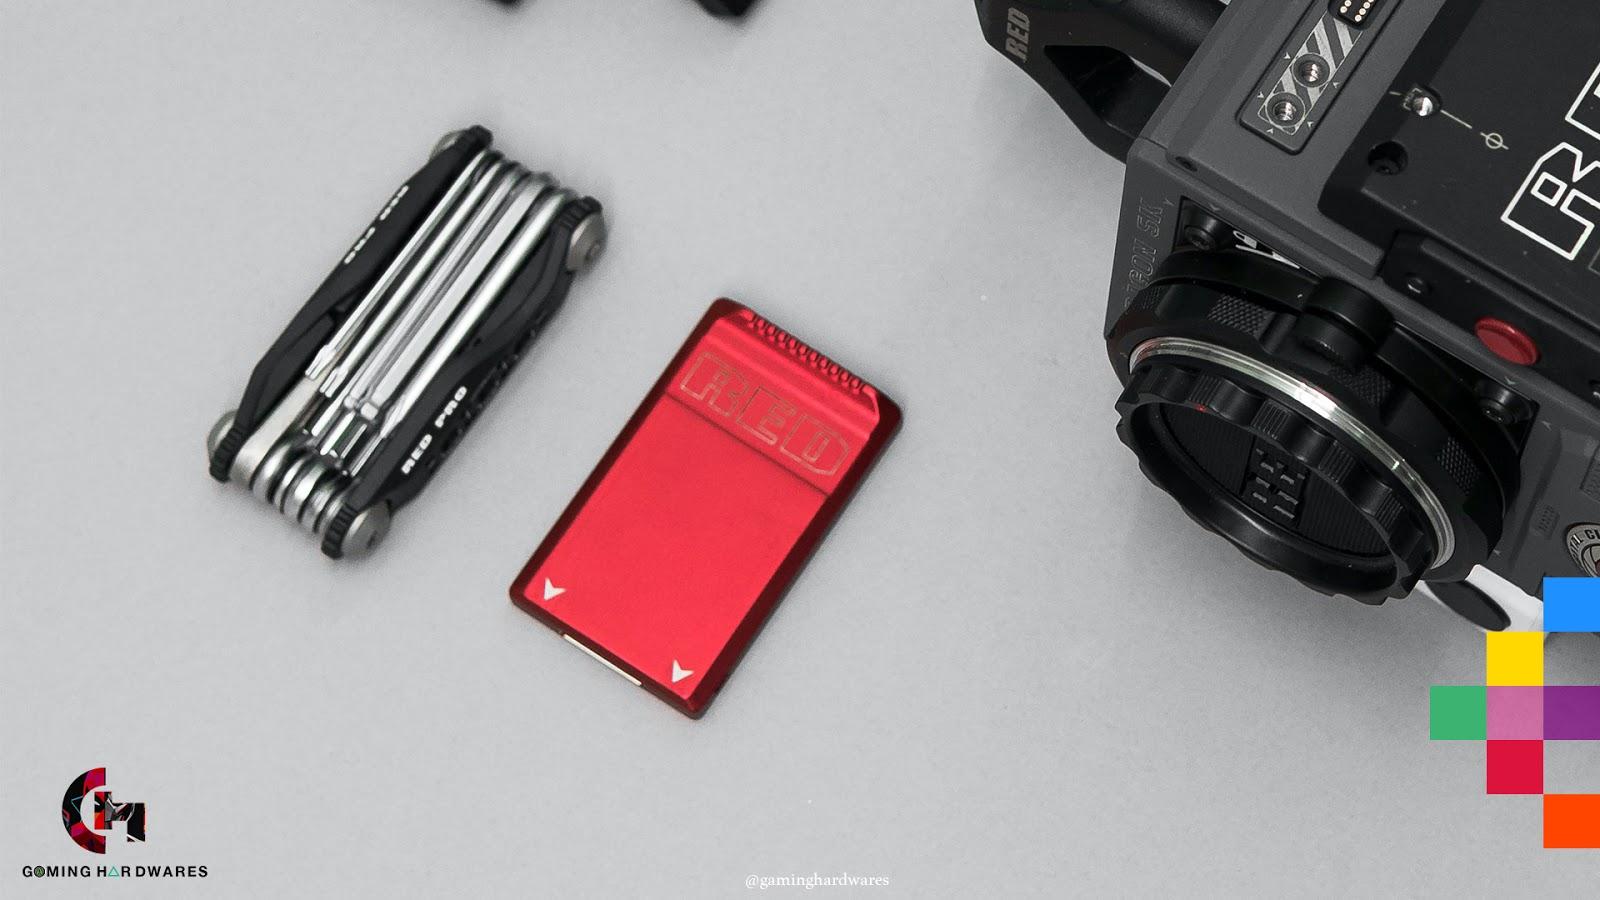 الفرق بين أقراص HDD و SSD من حيث سعة التخزين